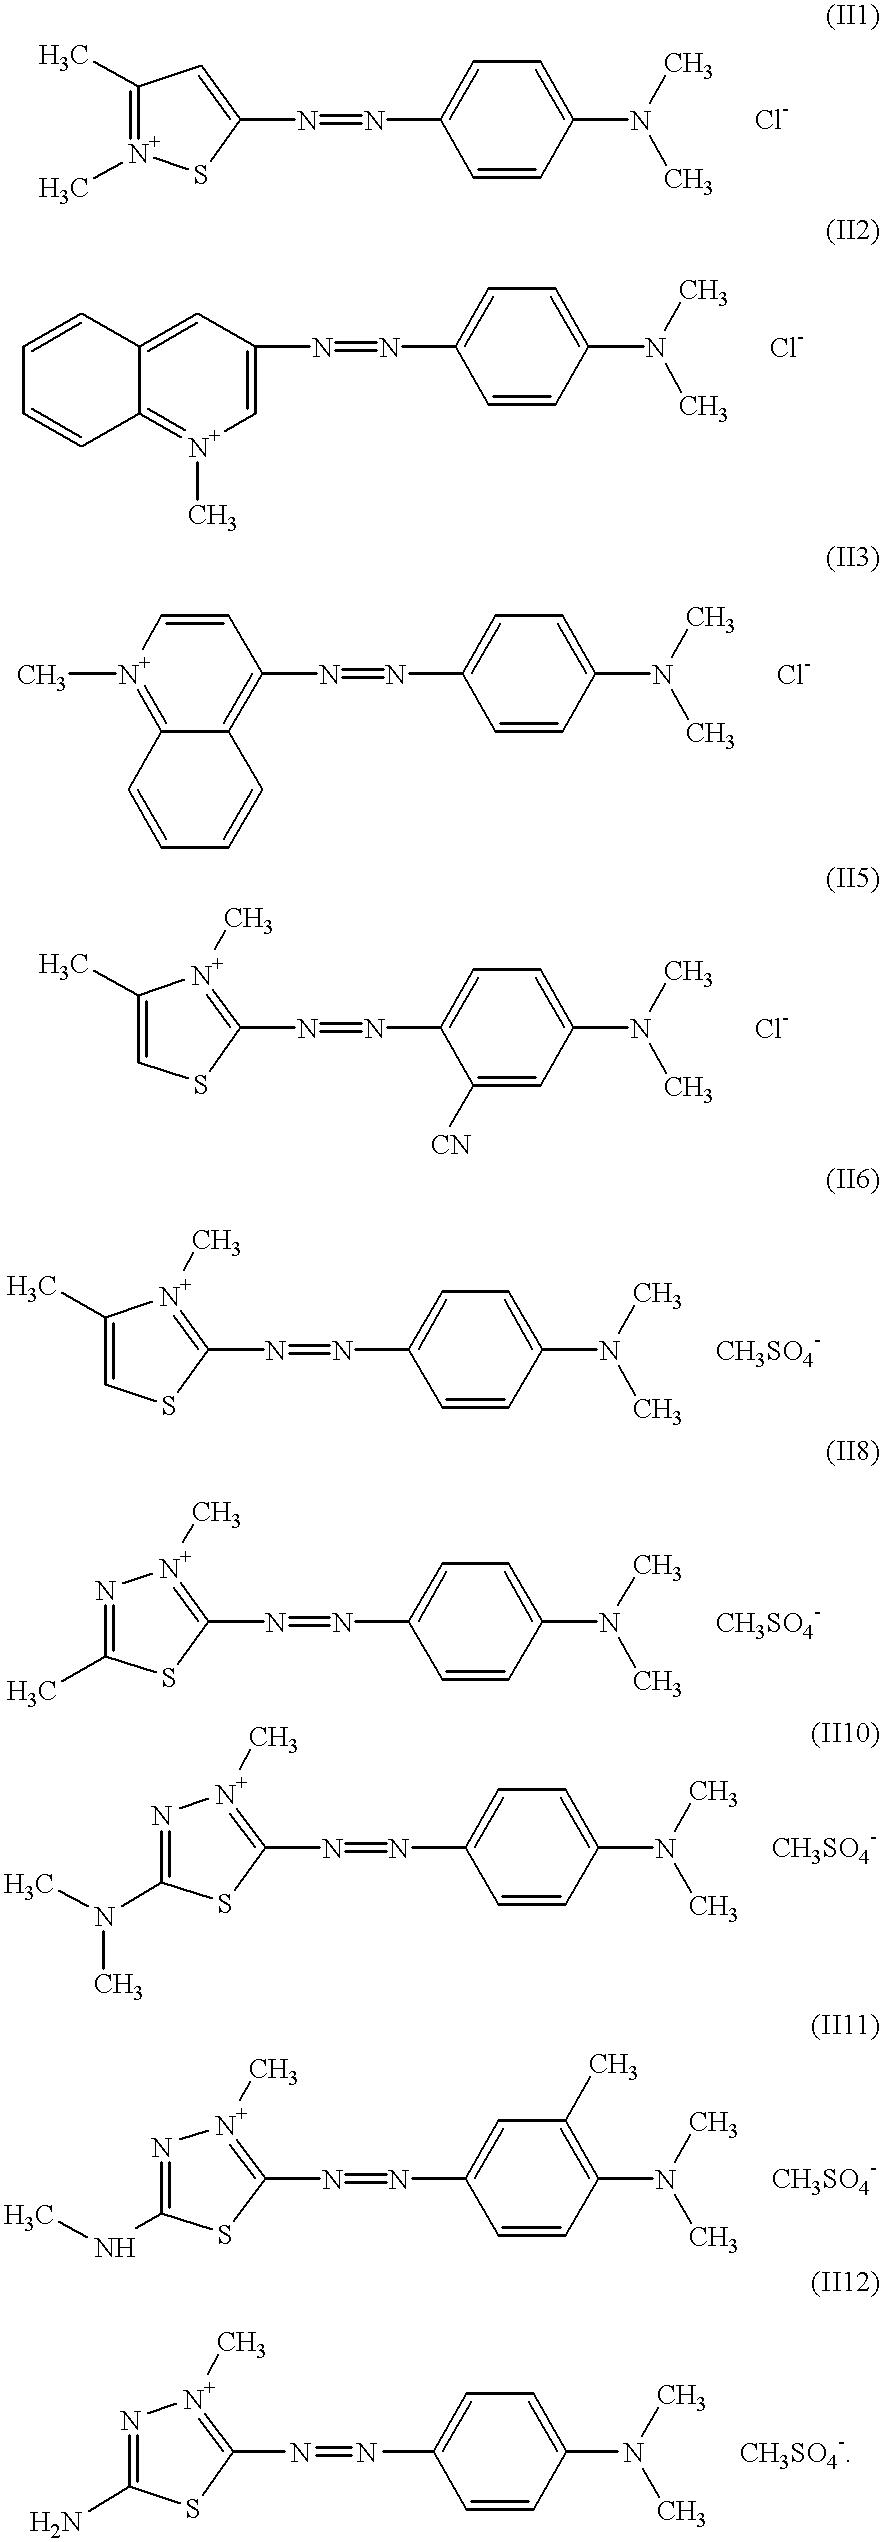 Figure US20020046432A1-20020425-C00030